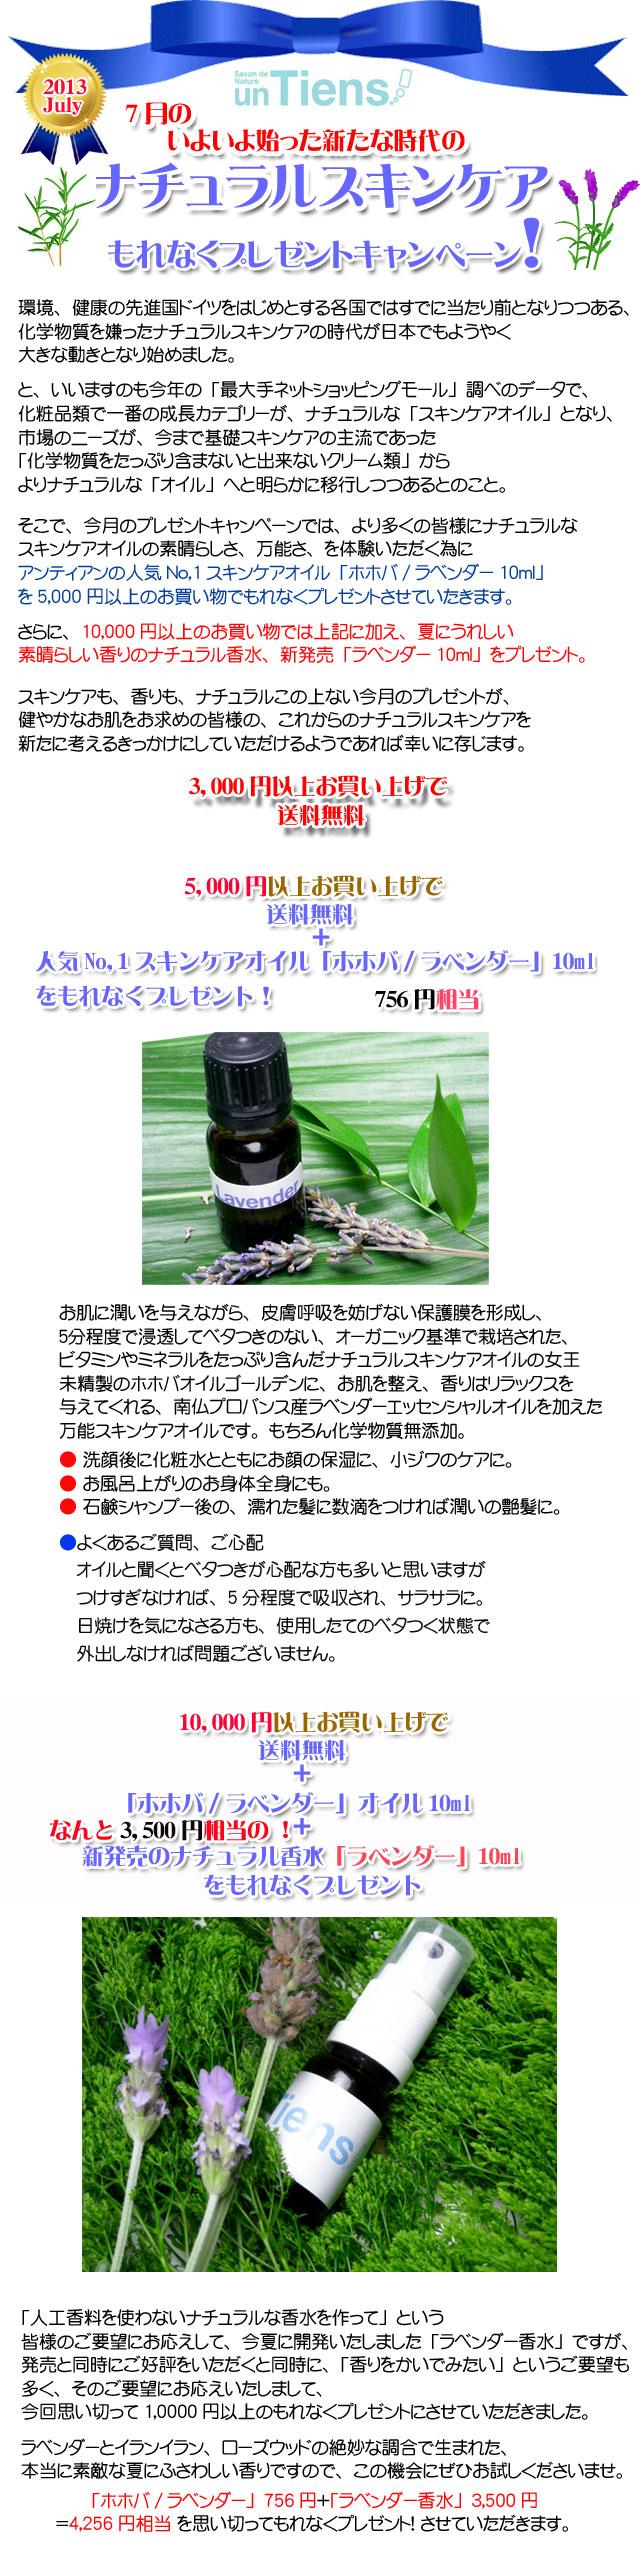 手作り石鹸アンティアン1307今月のキャンペーンcopy